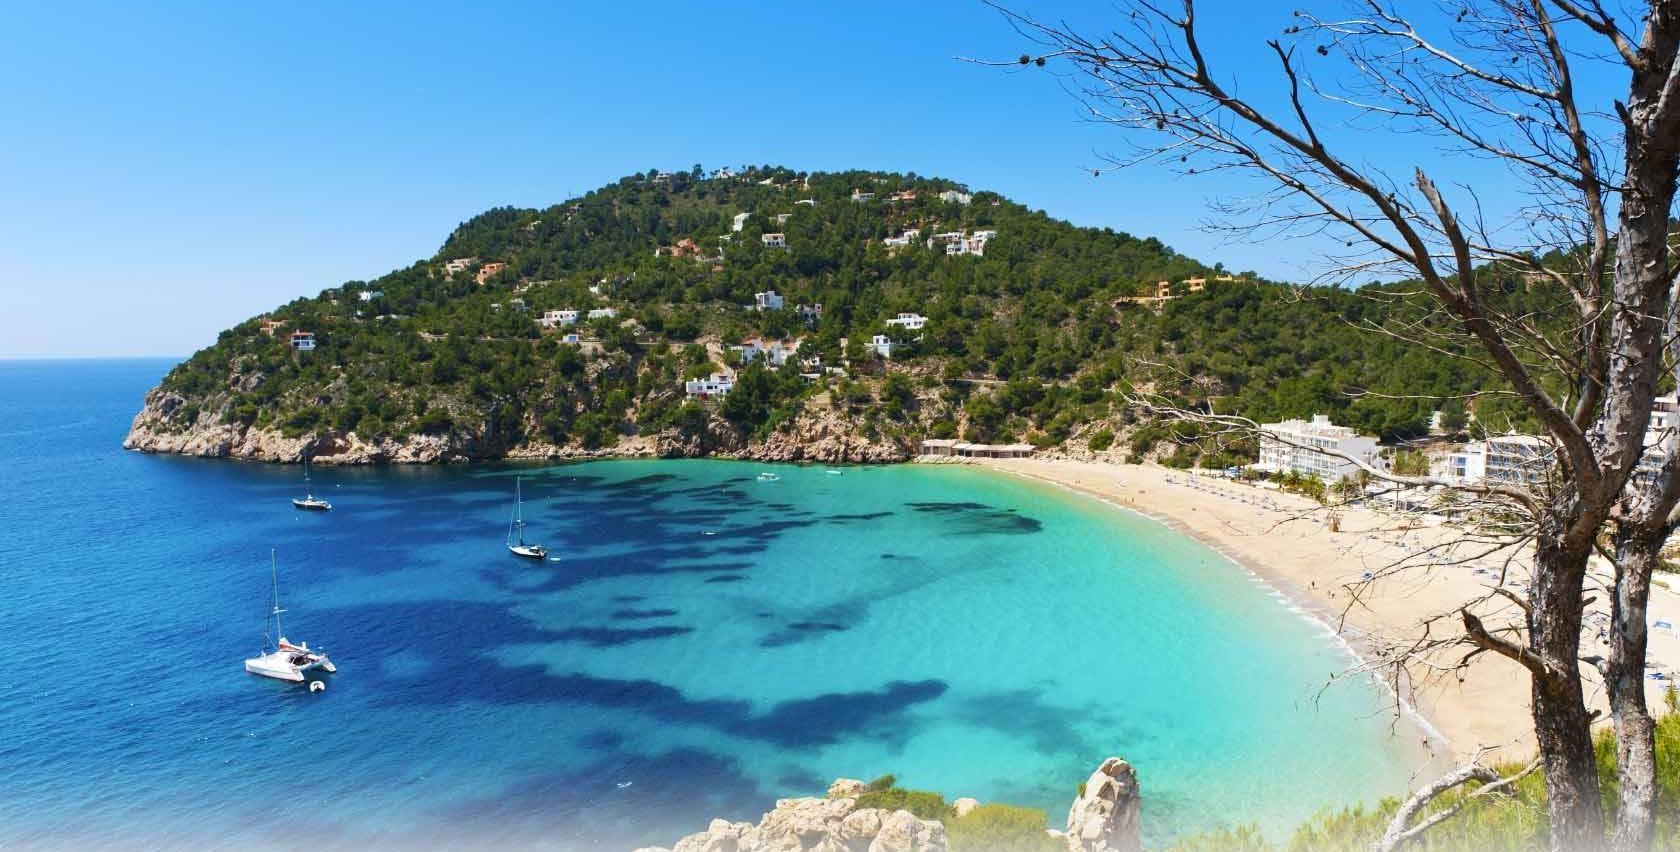 Las Salinas лучшие пляжи мира